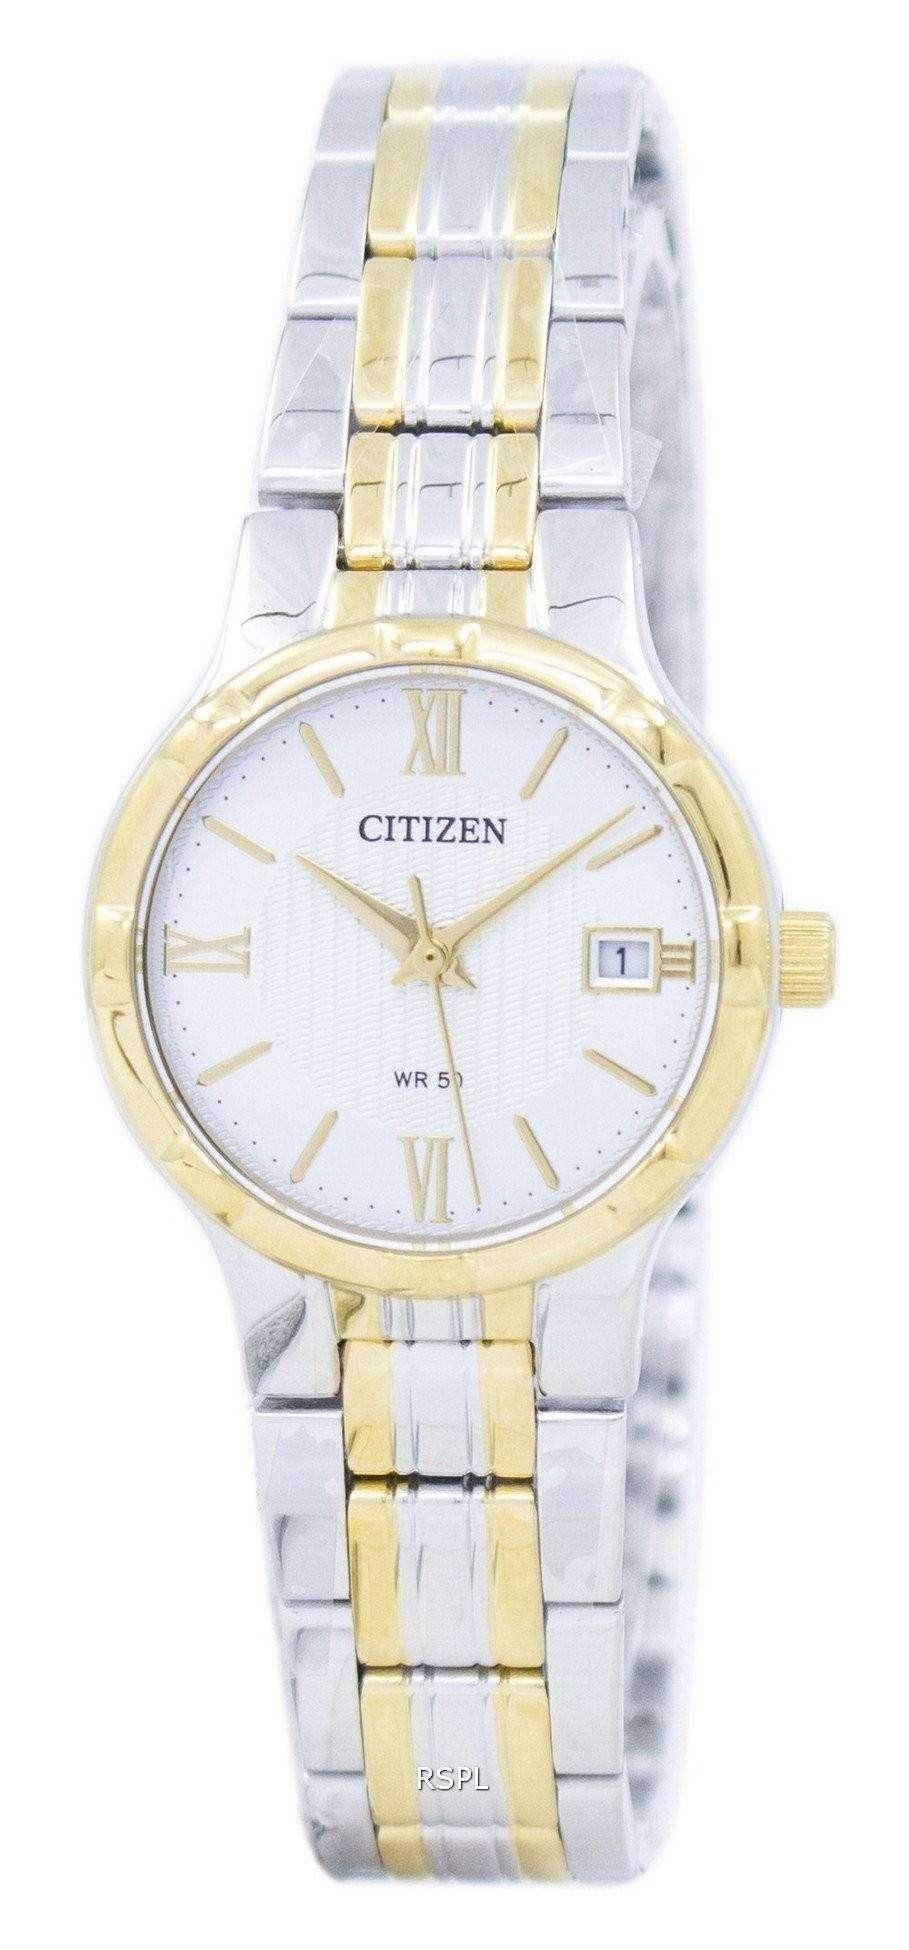 シチズンクォーツ アナログ EU6024 59A レディース腕時計